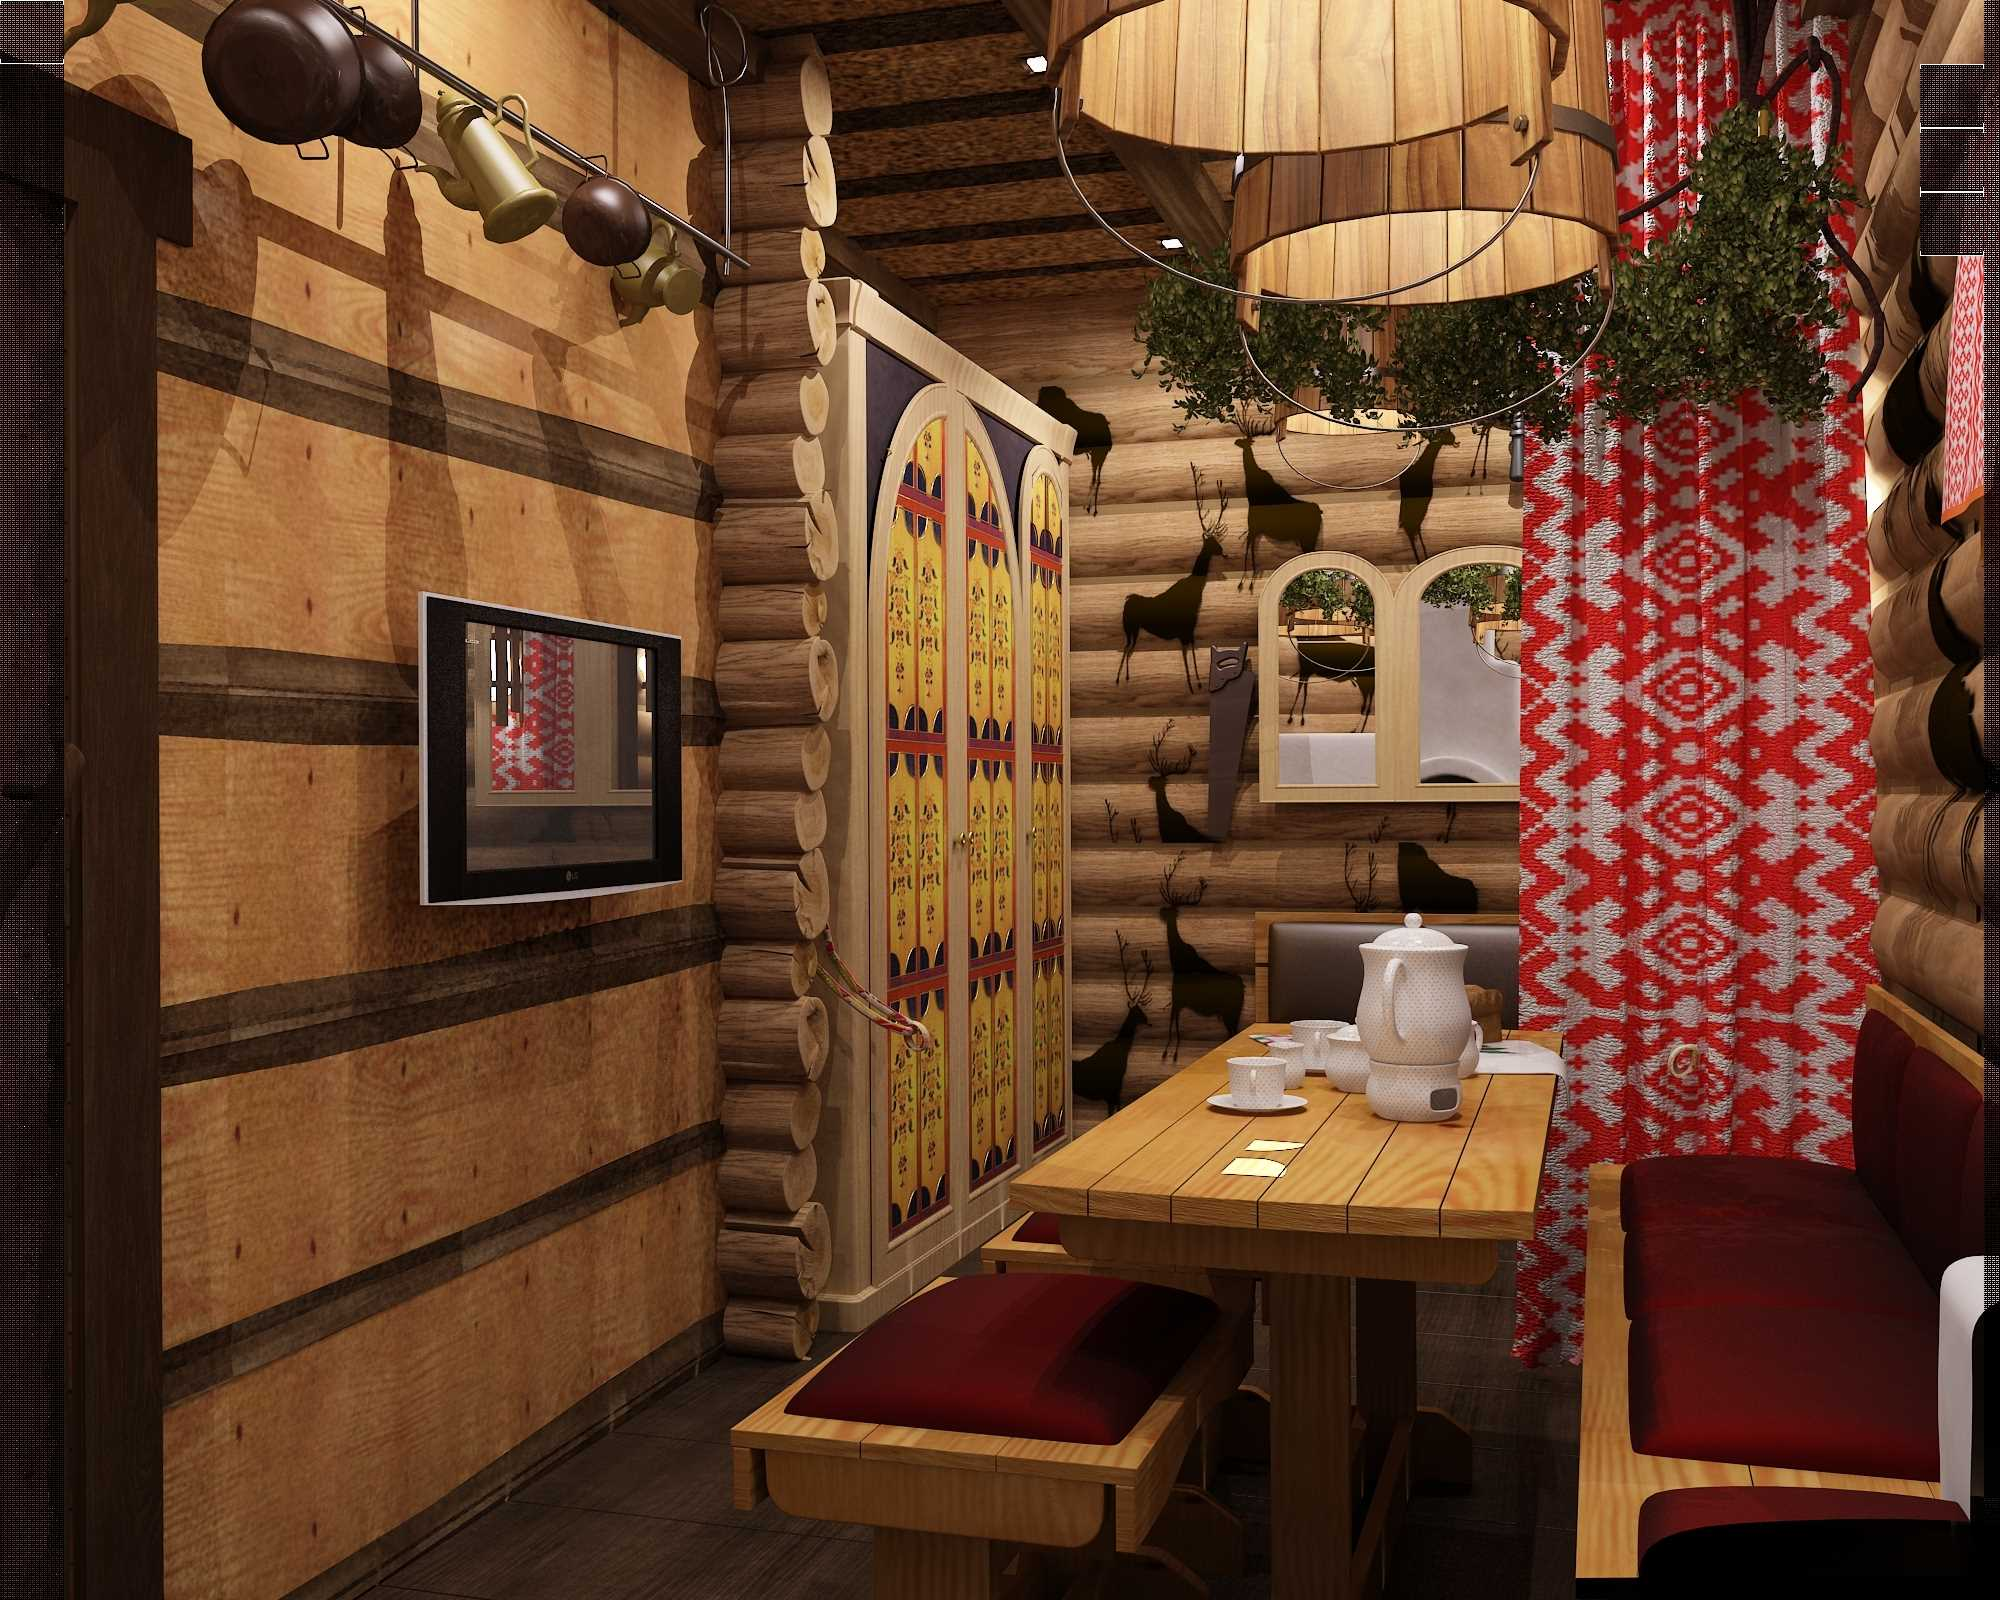 Дизайн зала в квартире - 85 фото интерьеров после ремонта, красивые идеи